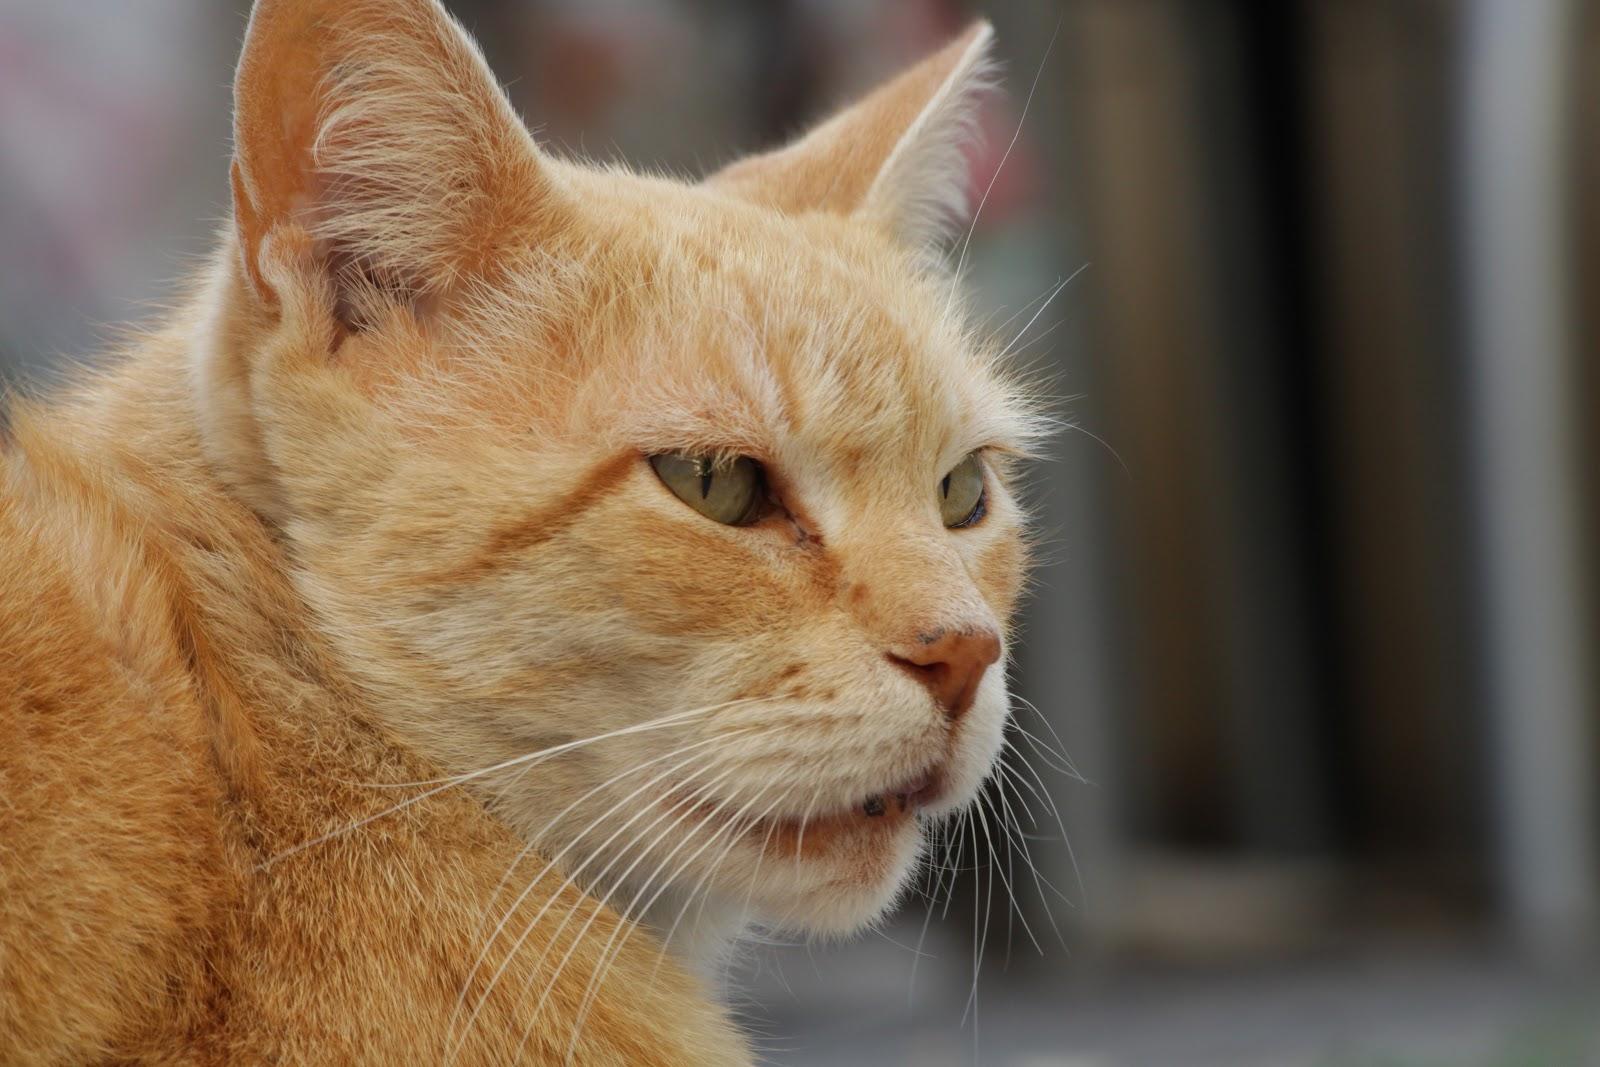 Mơ thấy mèo anh em nên đánh con gì để có thể cập bến một cách an toàn?